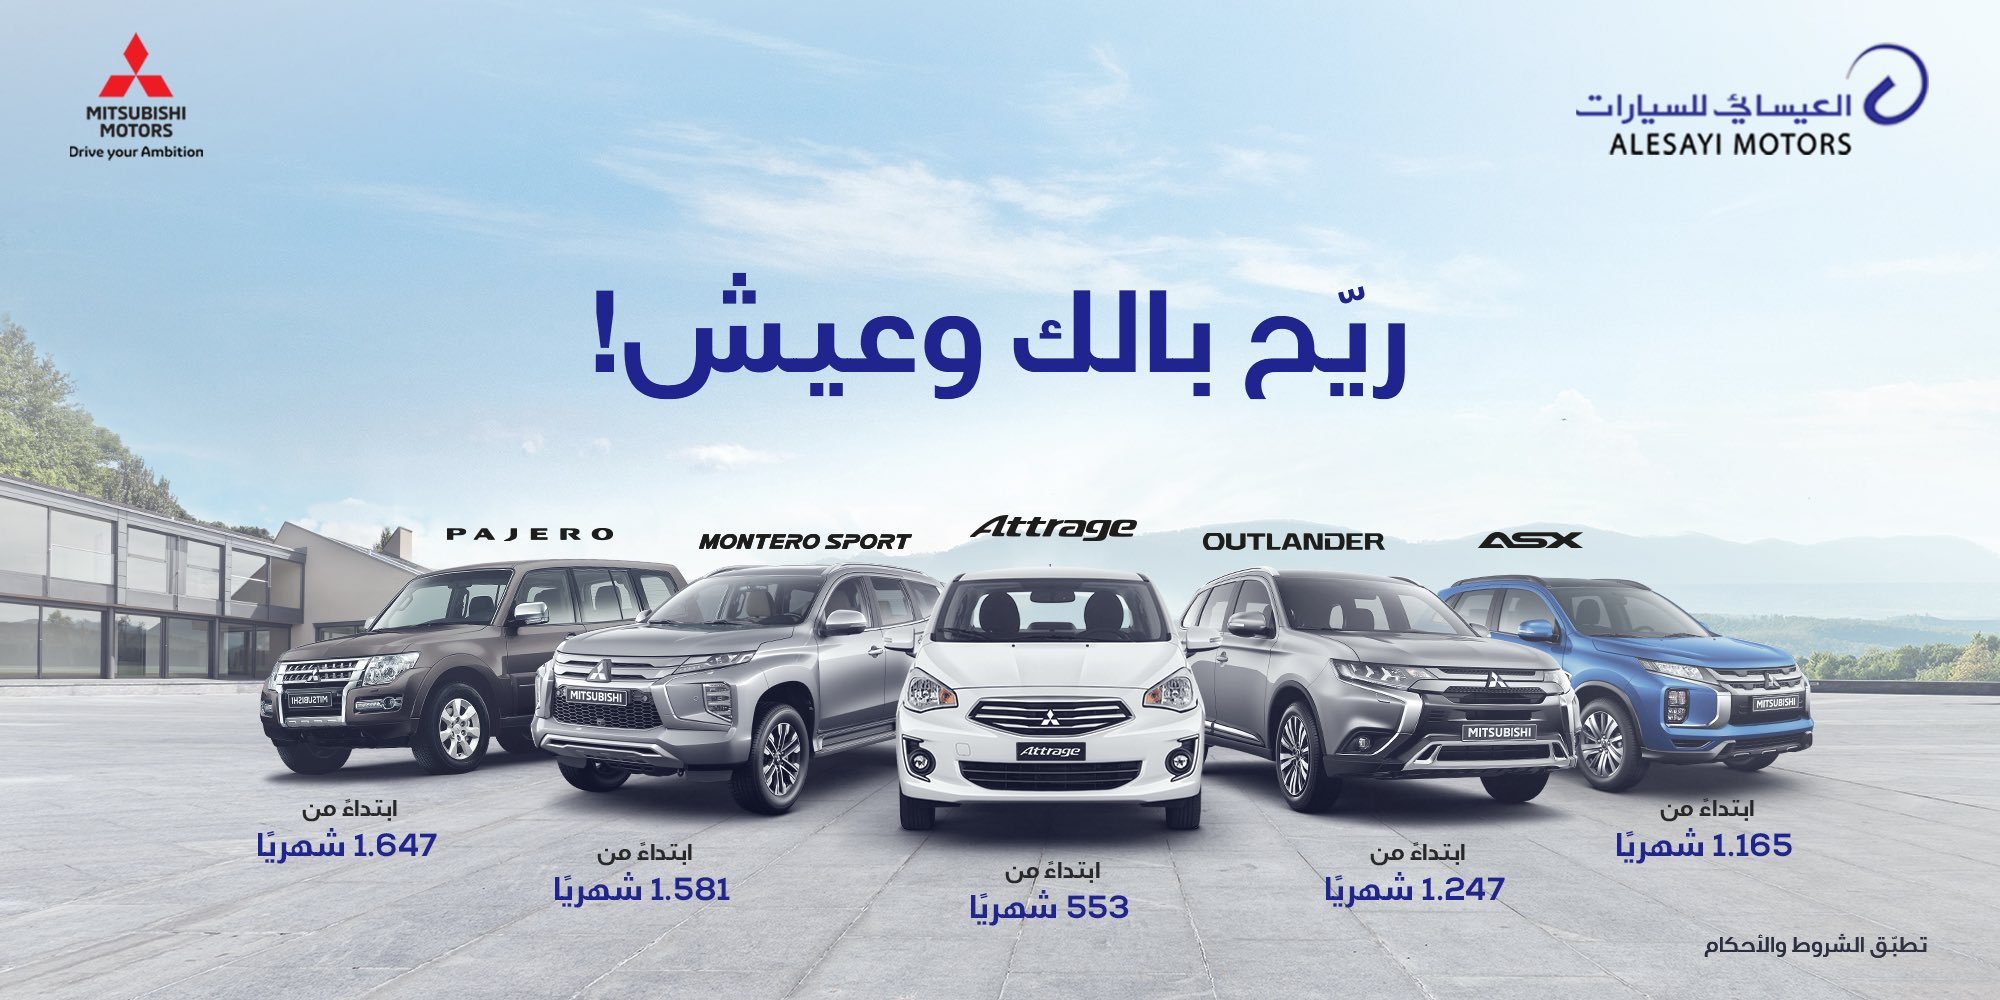 وكيل سيارة ميتسوبيشي في السعودية